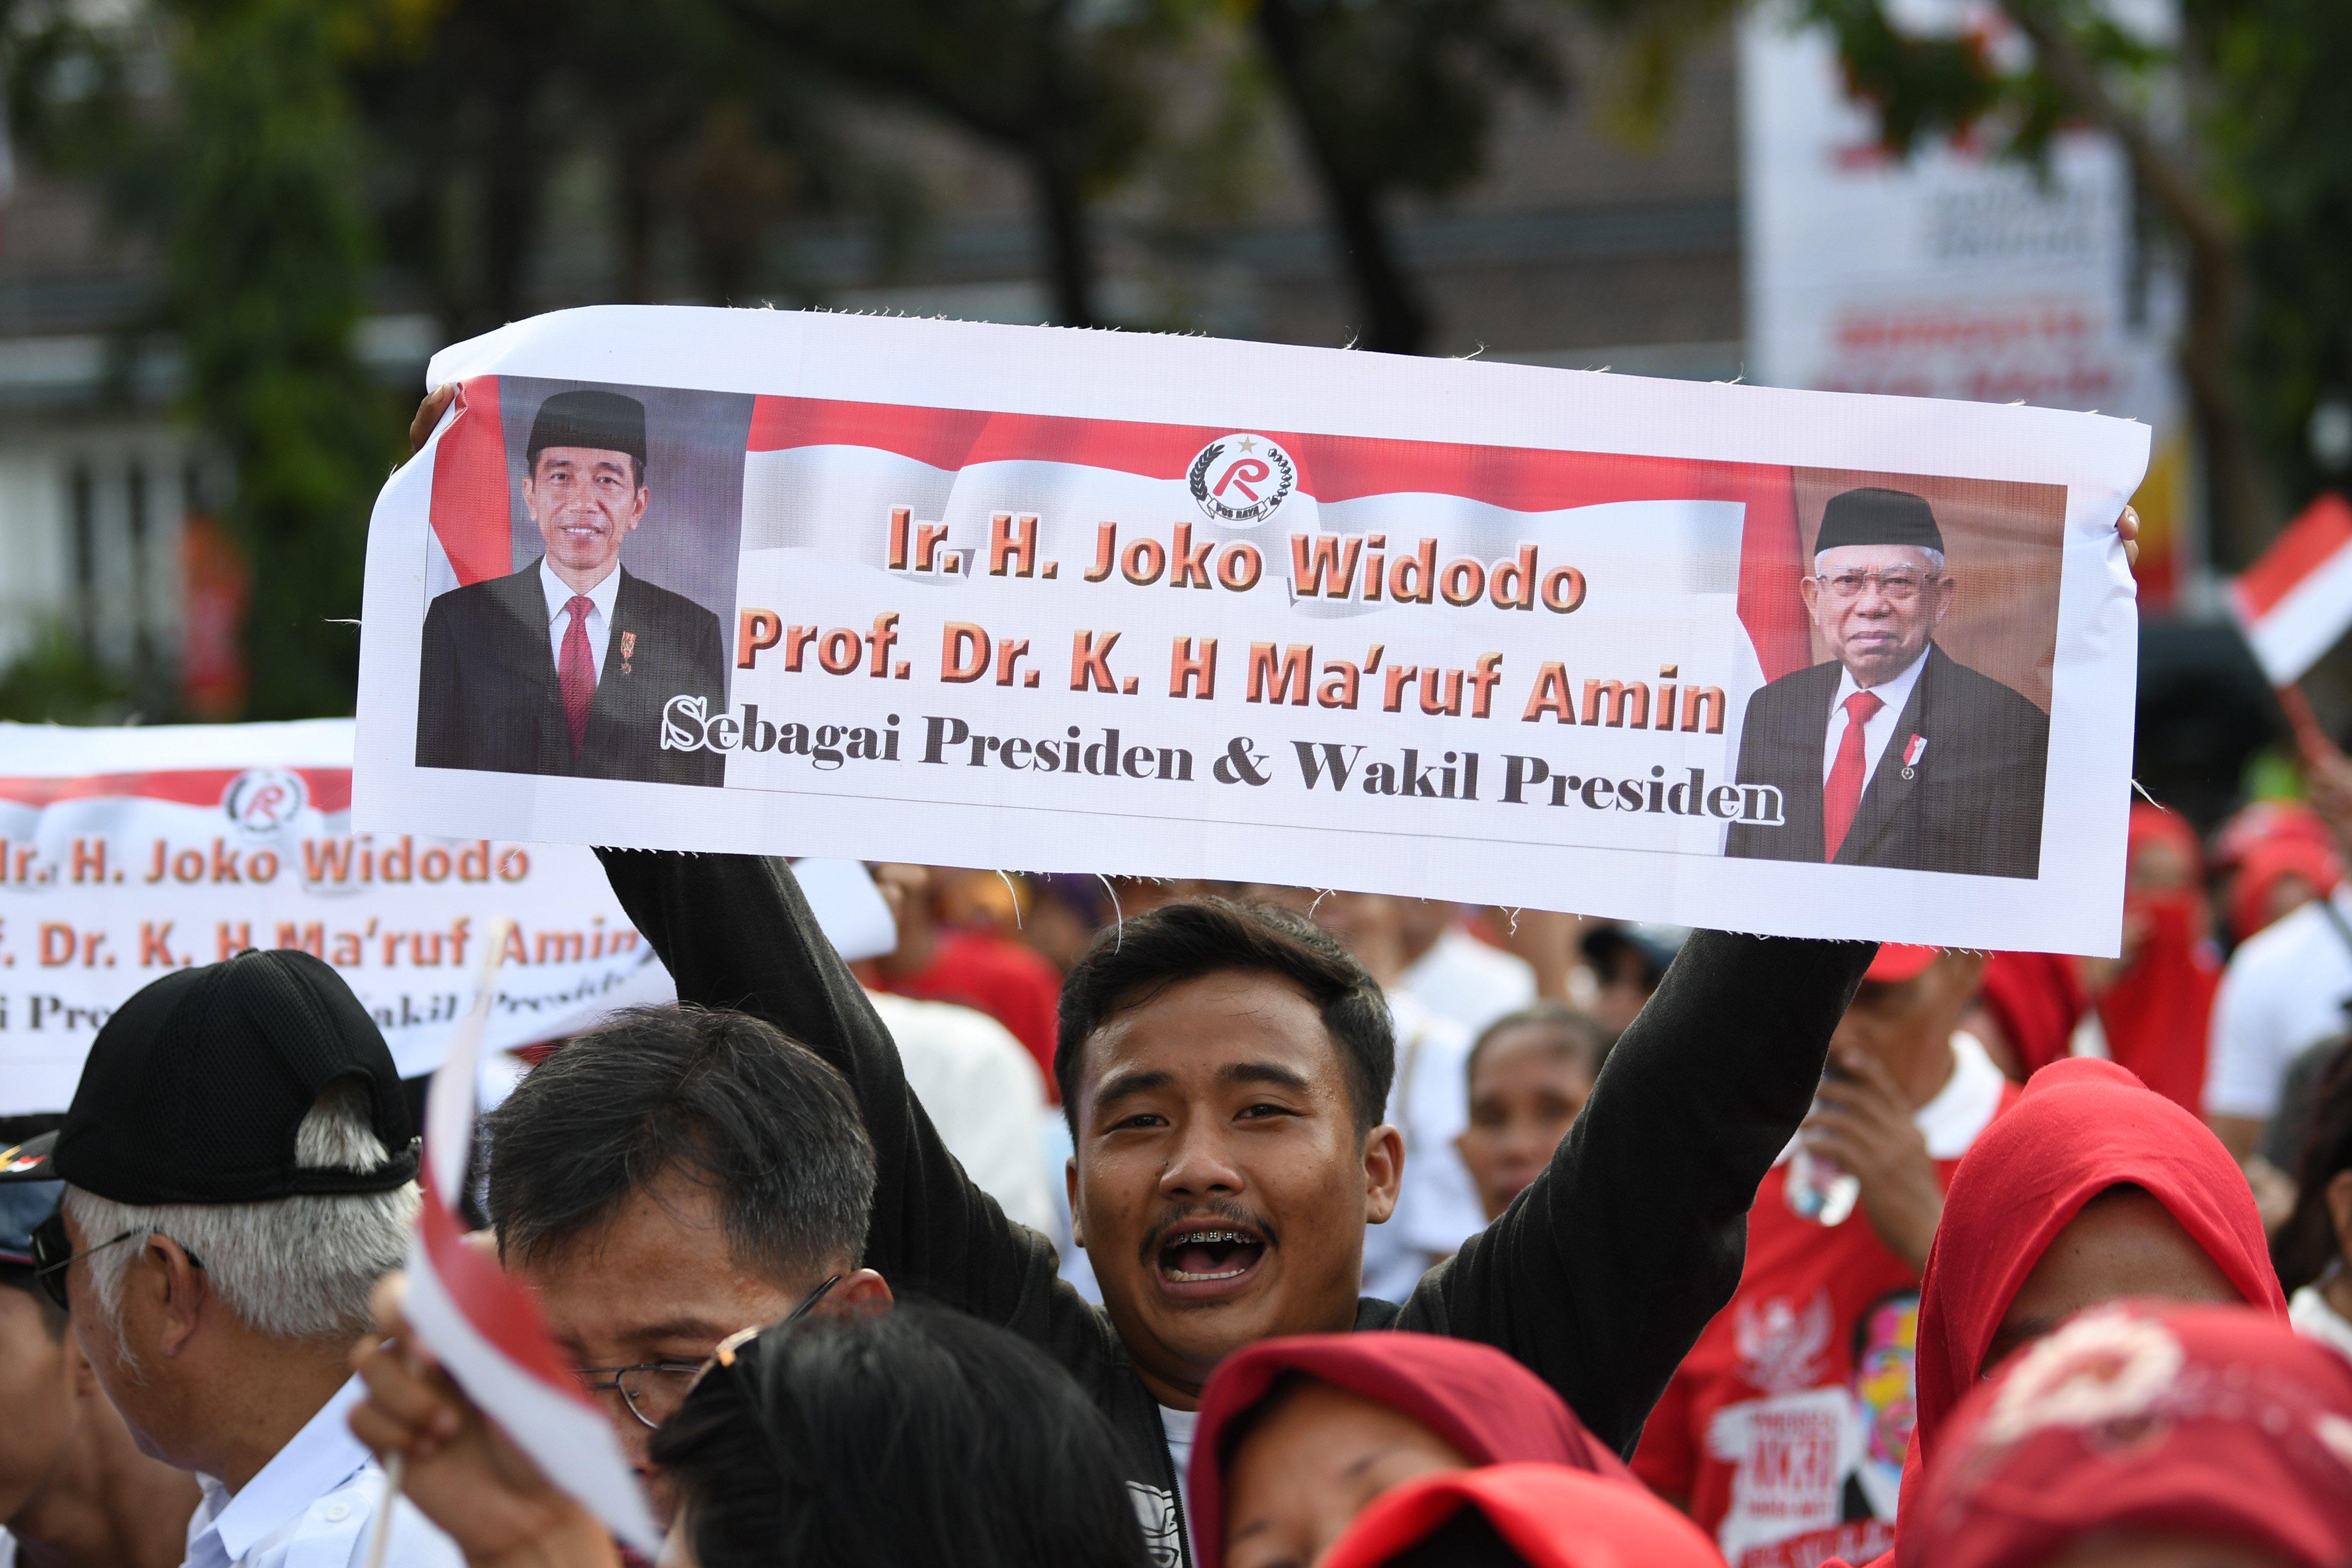 Seorang warga membawa poster bergambarkan Presiden Joko Widodo dan Wakil Presiden Ma\'ruf Amin saat Syukuran Inaugurasi Presiden dan Wakil Presiden 2019-2024 terpilih di Taman Aspirasi, Jakarta, Minggu (20/10/2019).